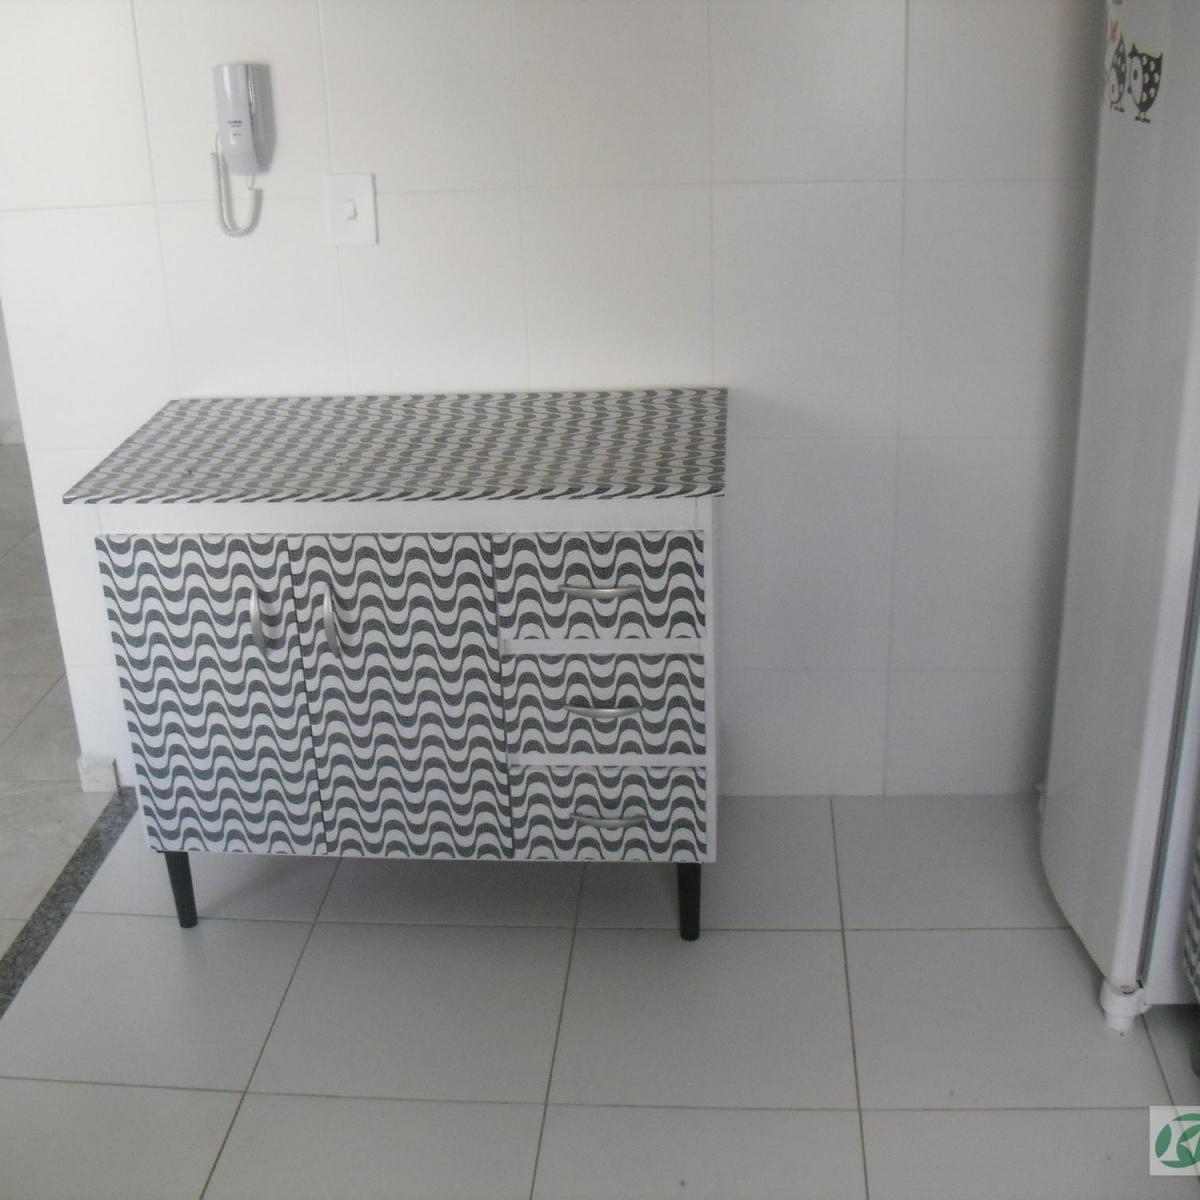 Imagens de #5F666C  em hauer rua frederico maurer 1254 apto 106 bl 1 hauer curitiba 1200x1200 px 2898 Box Banheiro Hauer